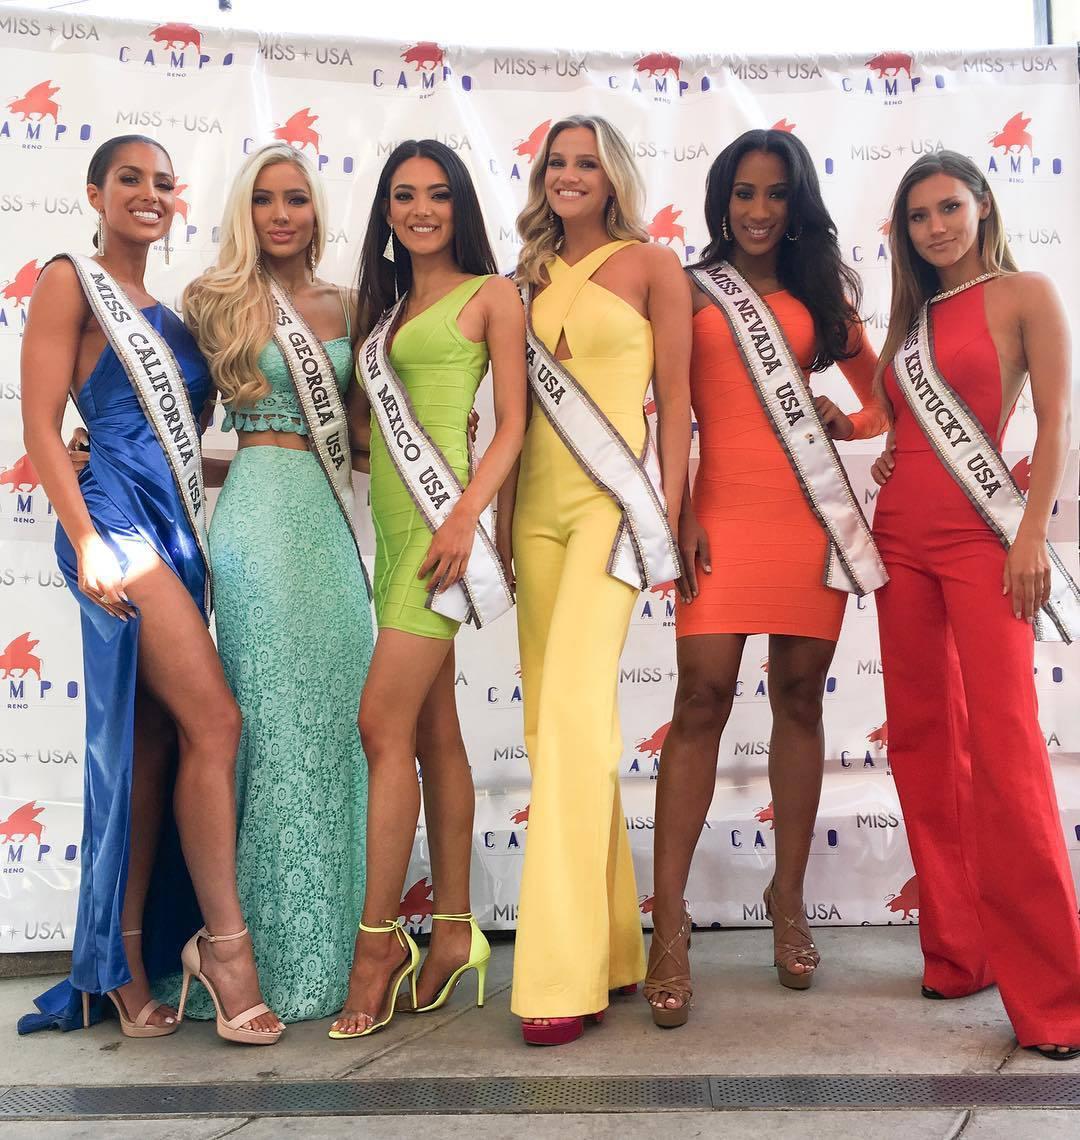 alejandra gonzalez, top 2 de miss usa 2019. - Página 7 57506383_447445962752307_7658002370206364020_n